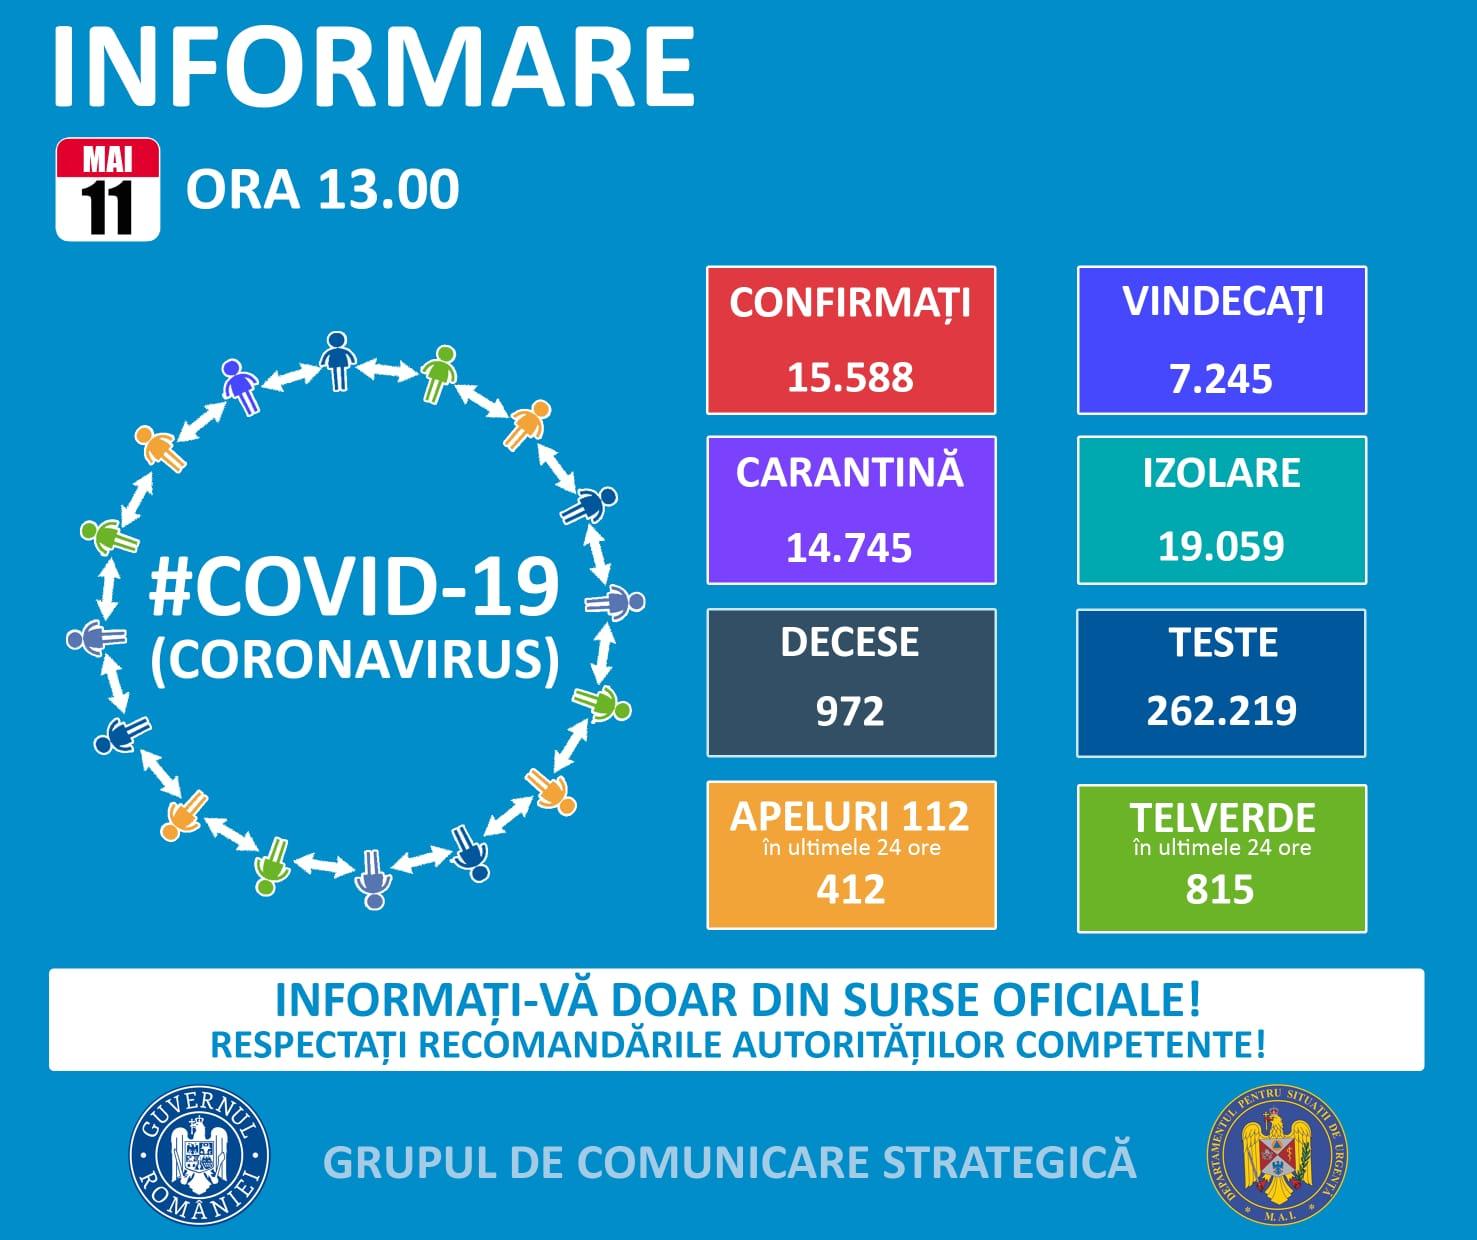 15.588 de cazuri de coronavirus pe teritoriul României. 972 de persoane au decedat